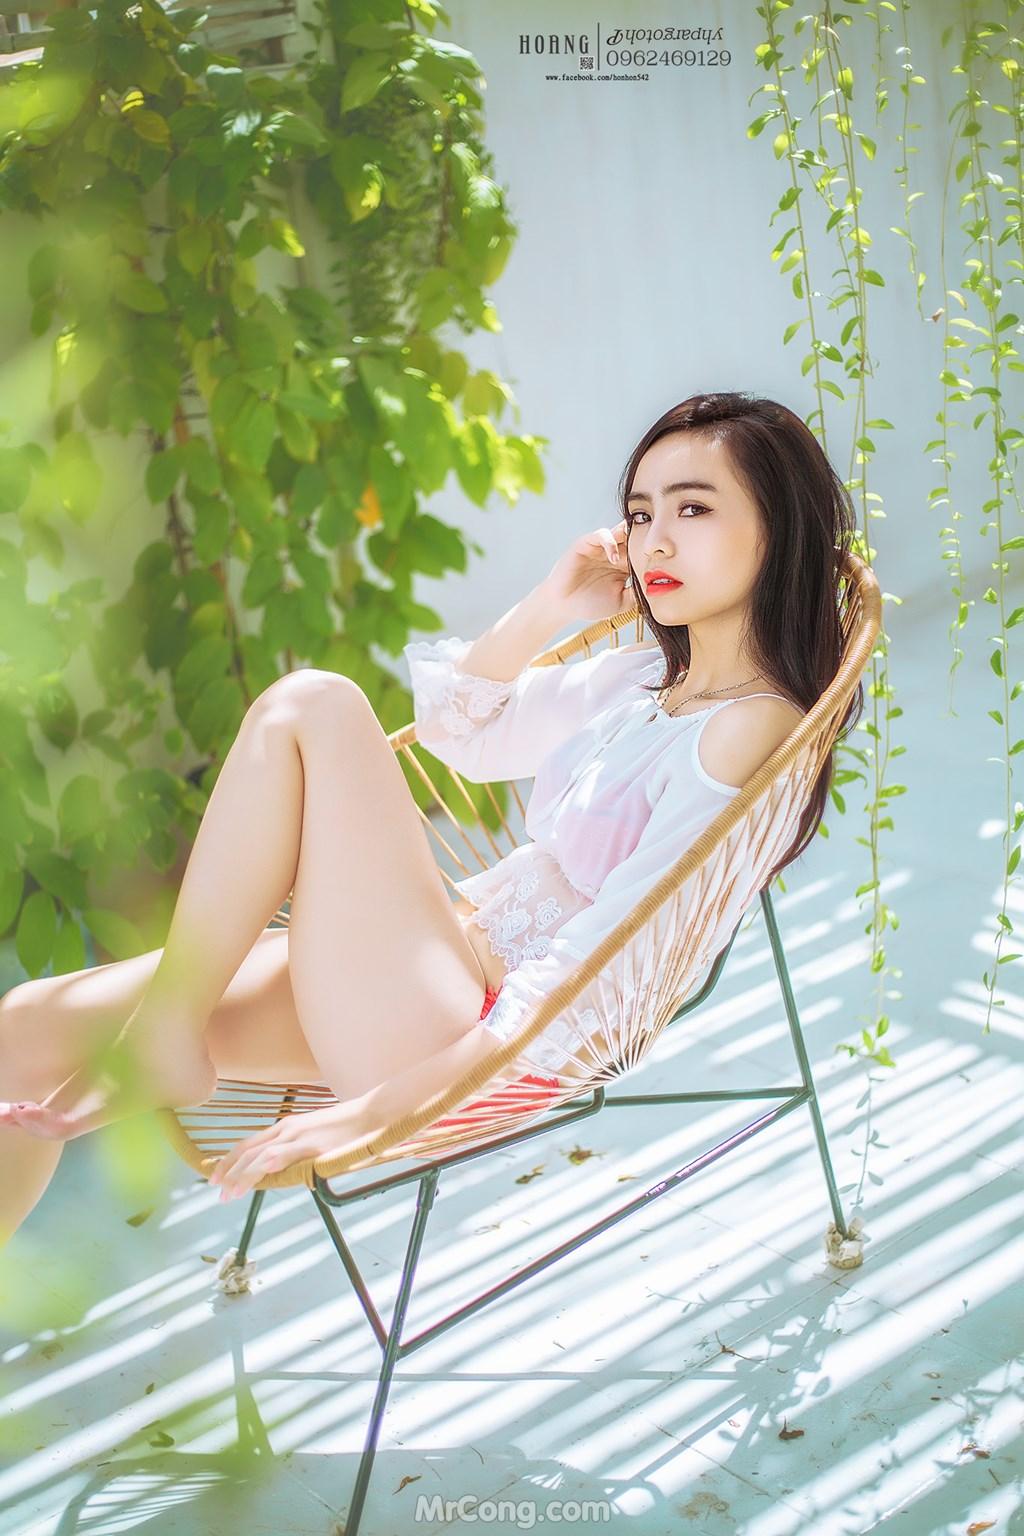 Ảnh Hot girl, sexy girl, bikini, người đẹp Việt sưu tầm (P11) Vietnamese-Models-by-Hoang-Nguyen-MrCong.com-041